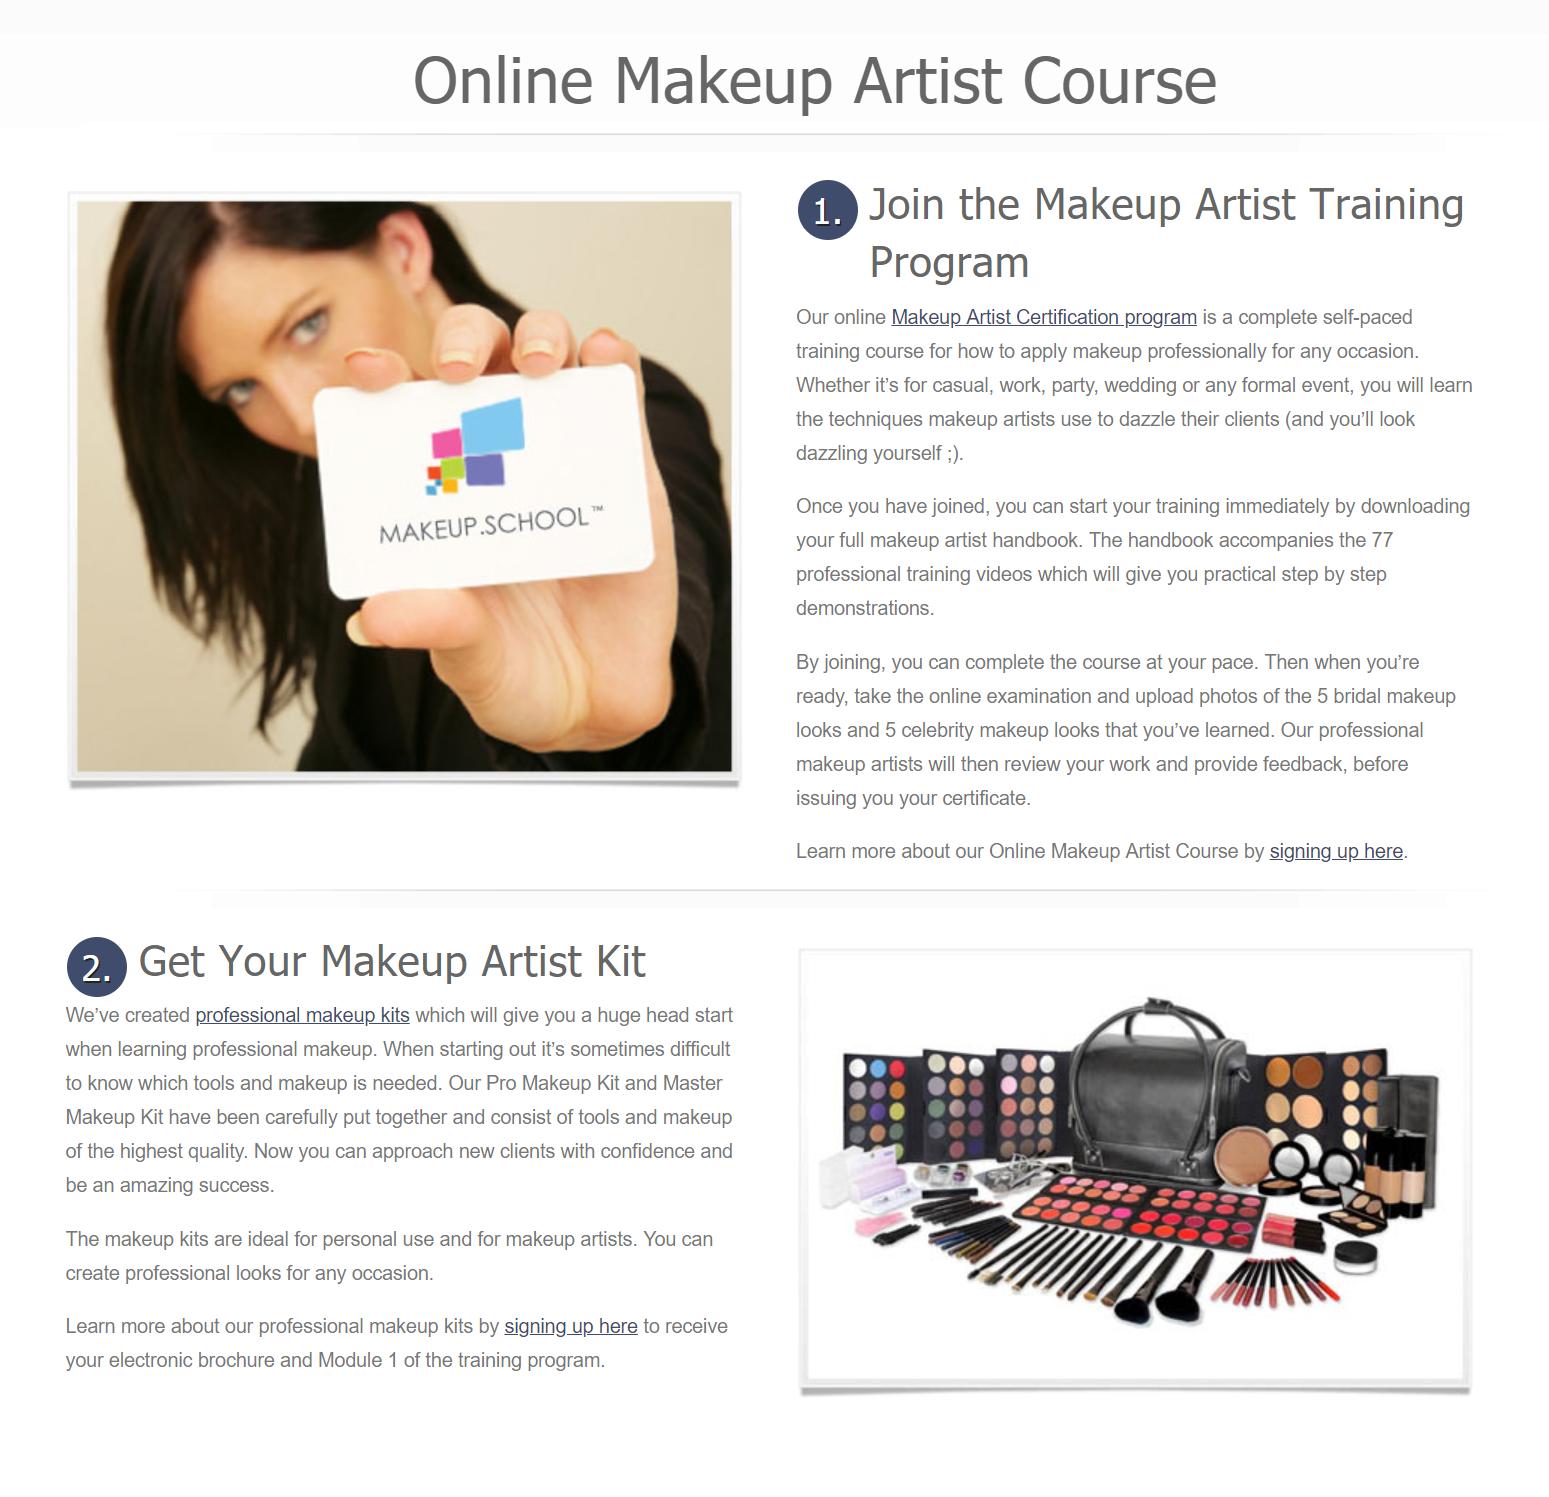 メンバーシップサイト-online-makeup-artist-course-オンライン-メイクアップ-アーティスト-コース